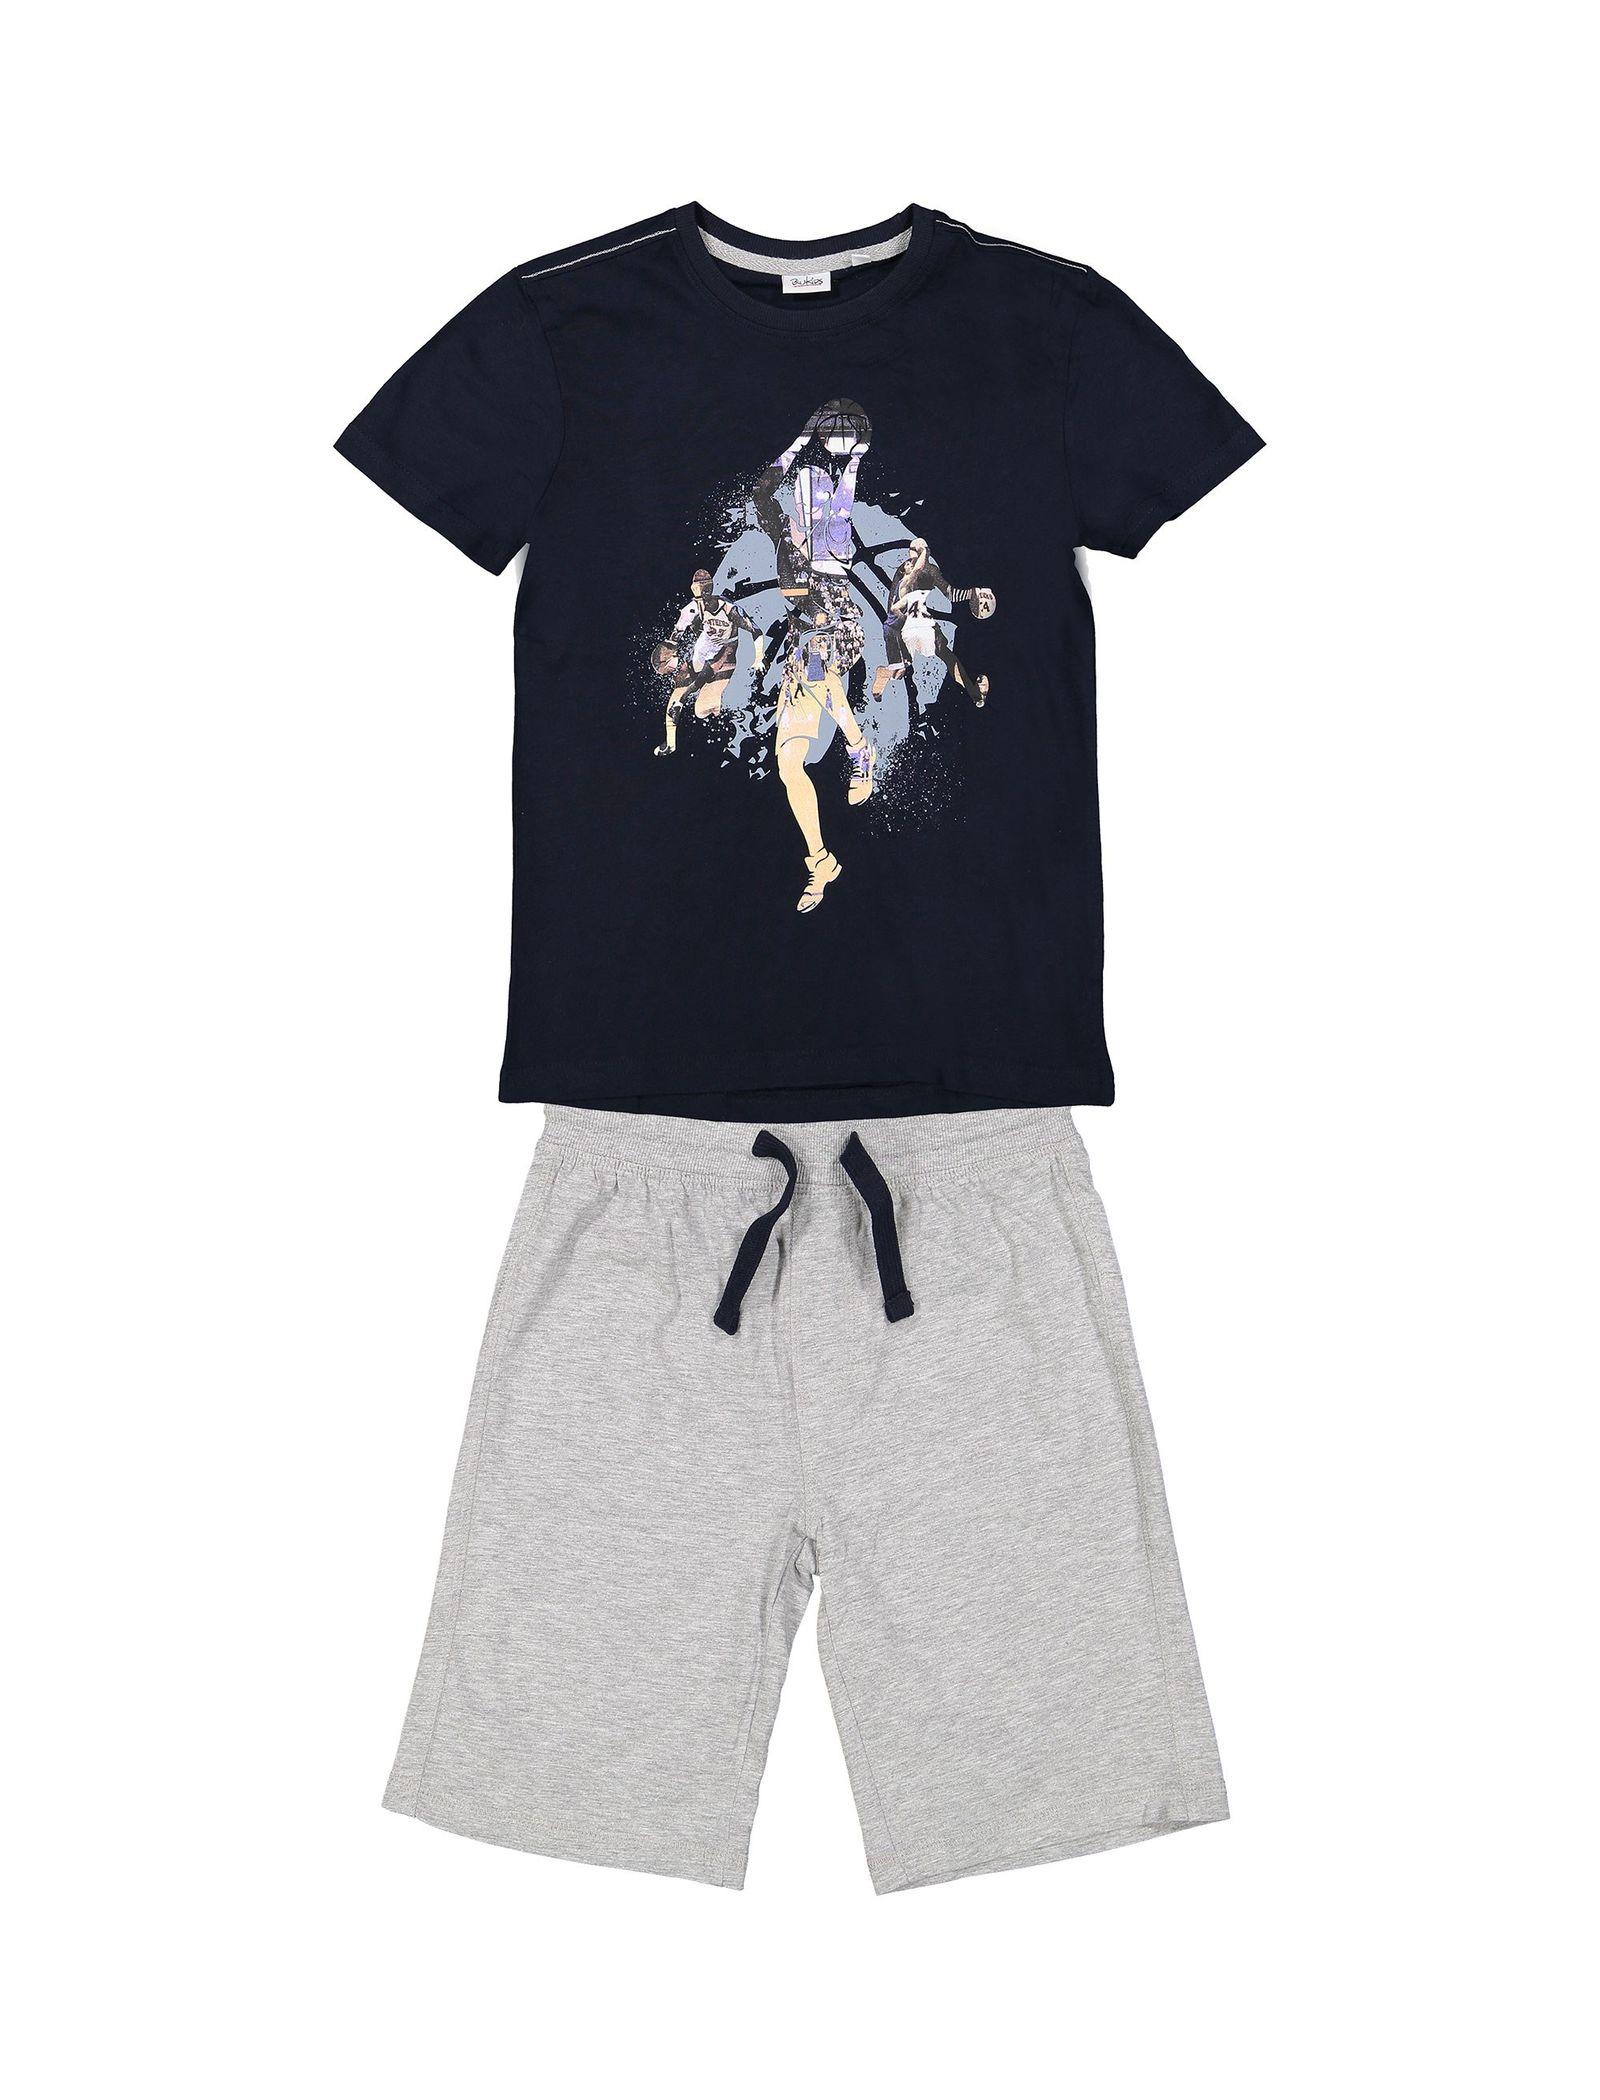 تی شرت و شلوارک نخی پسرانه - بلوکیدز - سرمهاي/طوسي - 1